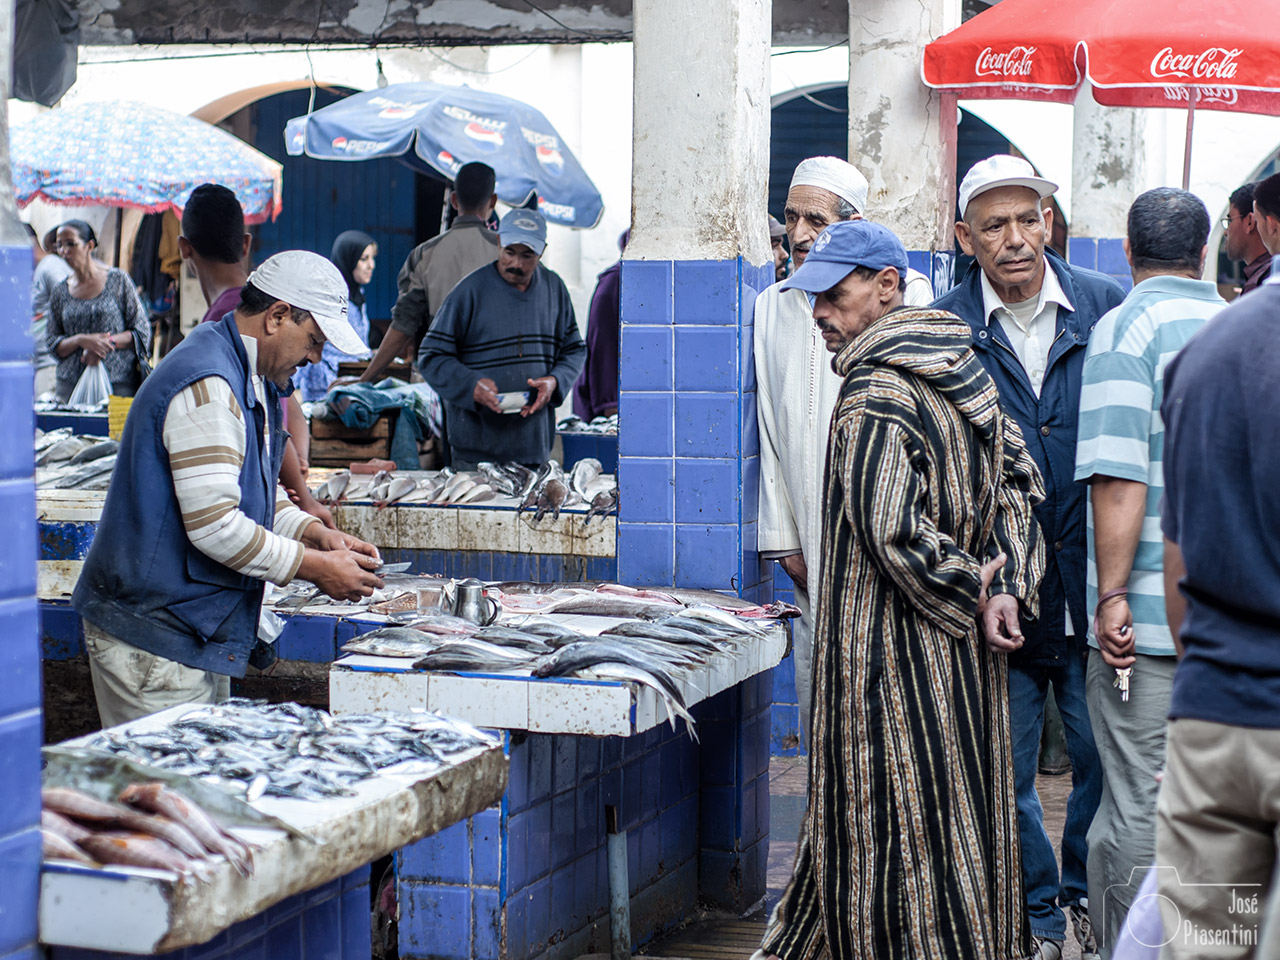 mercado--essaouira-marruecos